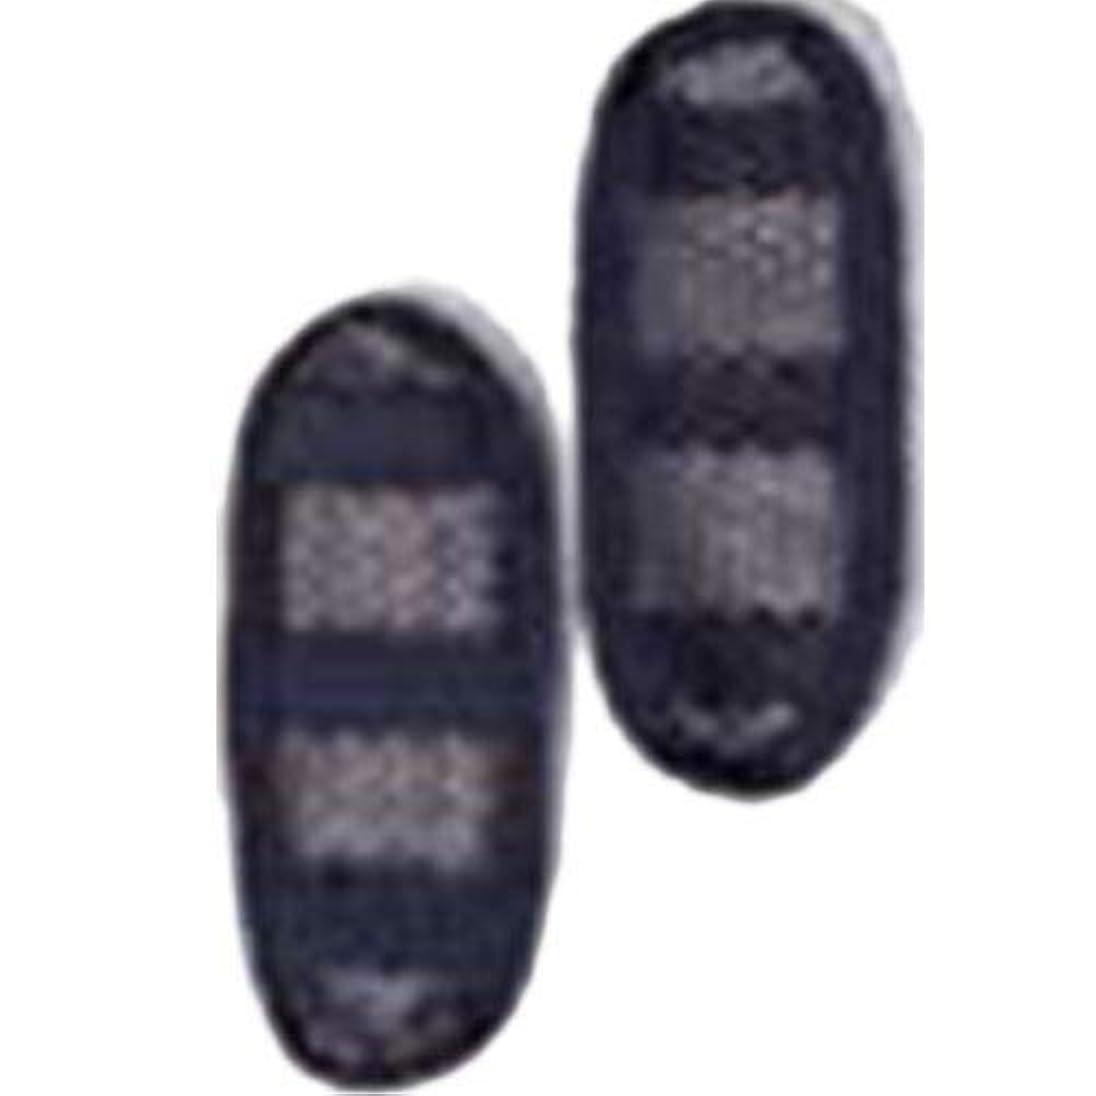 ミントゴルフ賄賂アライテント ハニカムメッシュ製ショルダーパッドセット(2個1組) 201500